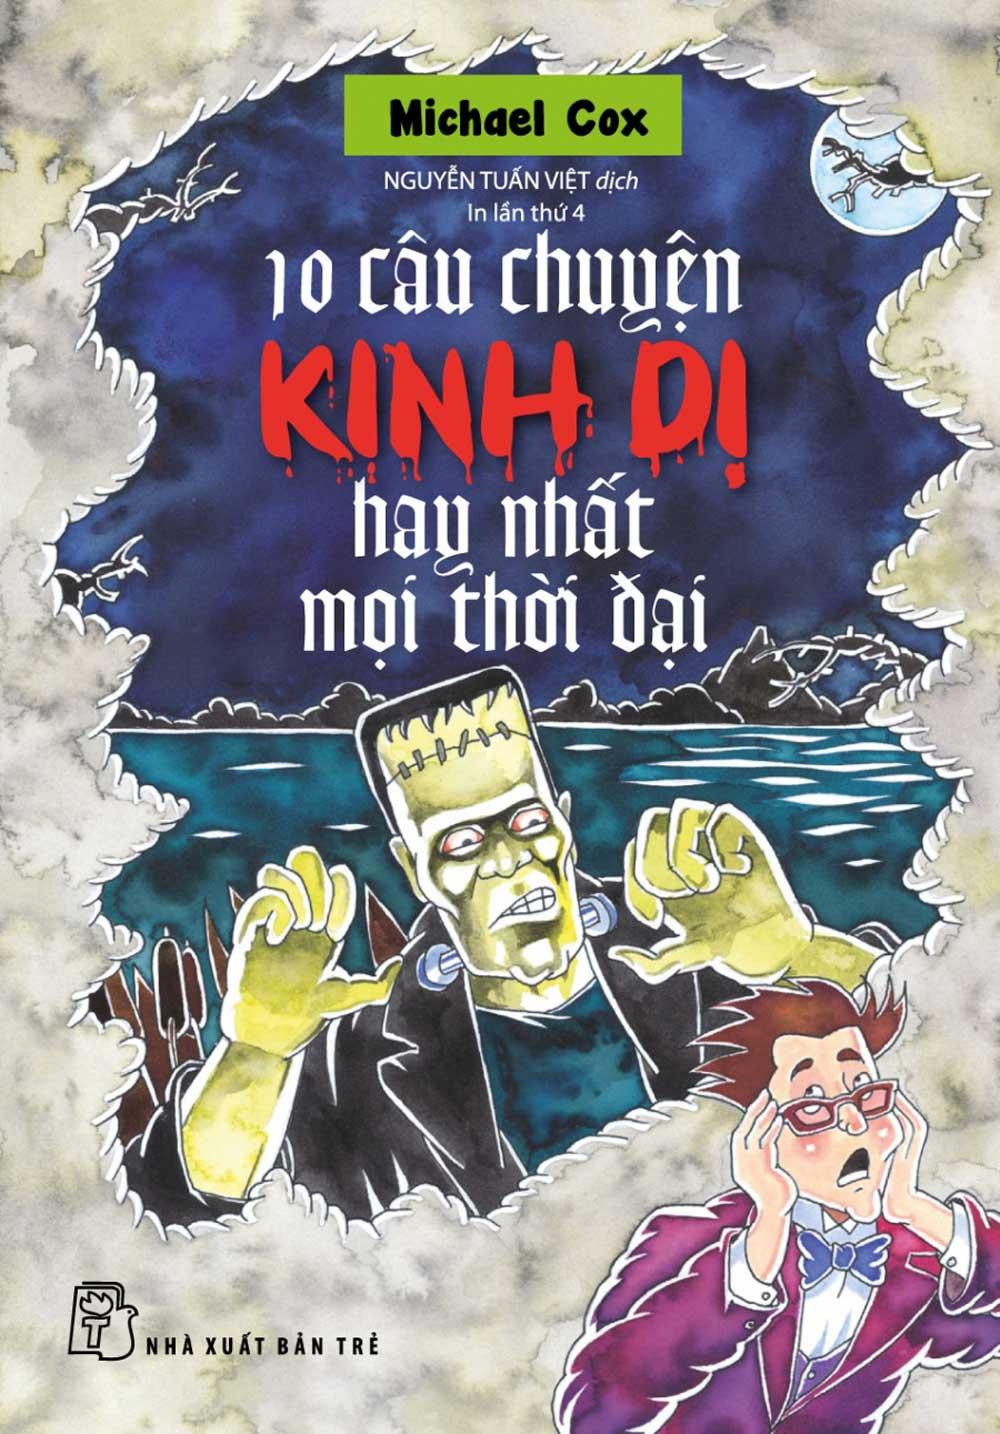 10 Câu Chuyện Kinh Dị Nhất Mọi Thời Đại - EBOOK/PDF/PRC/EPUB